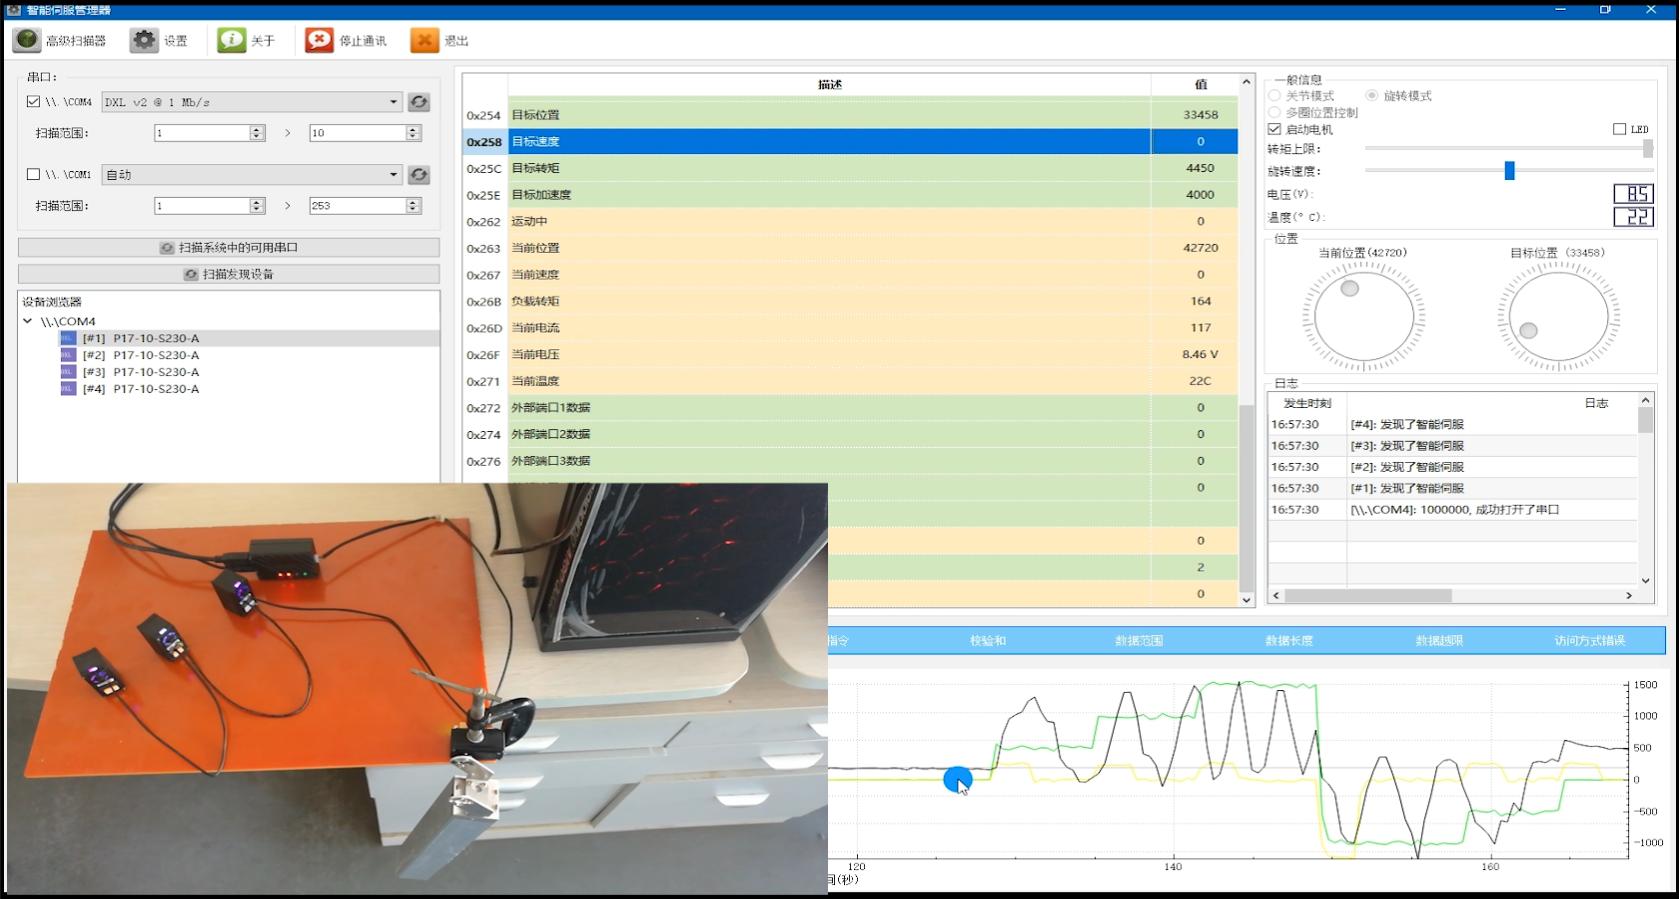 旋转模式下伺服电机性能测试视频链接.png